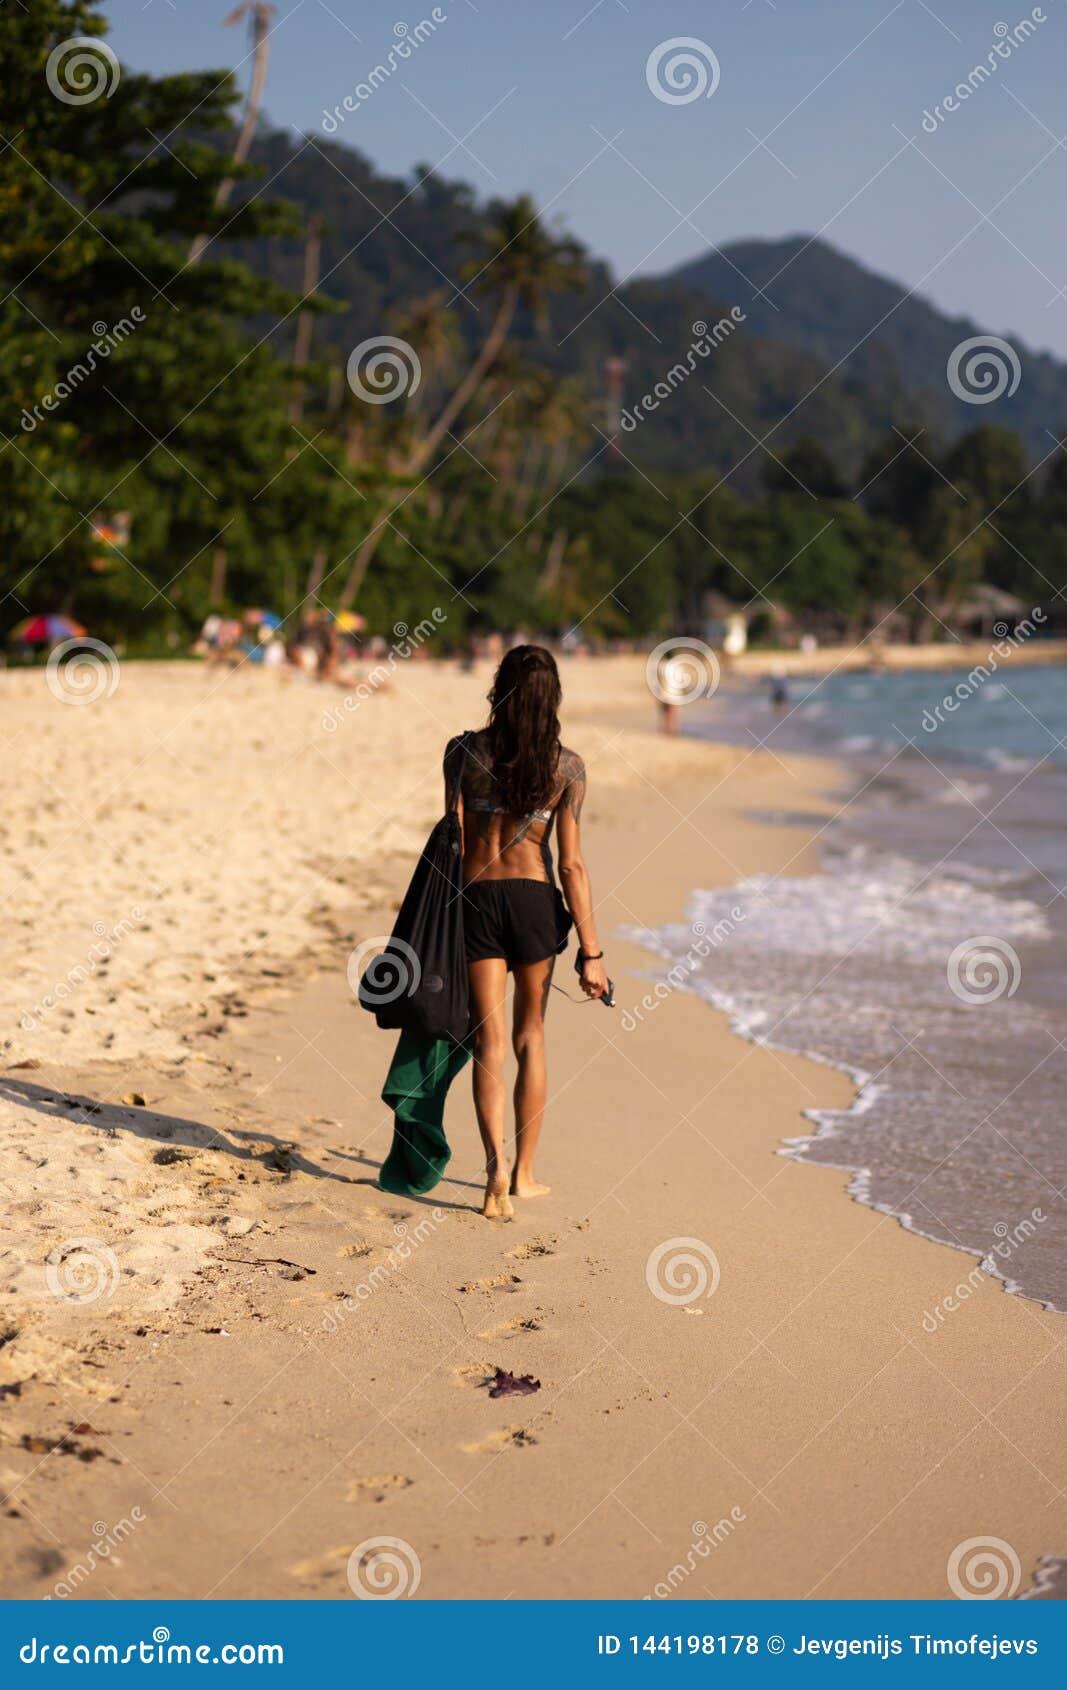 KNOCK-OUT CHANG, THAILAND - APRIL 9, 2018: Äkta asiat dem flicka som promenerar havet på en strand med att förbluffa sikt -